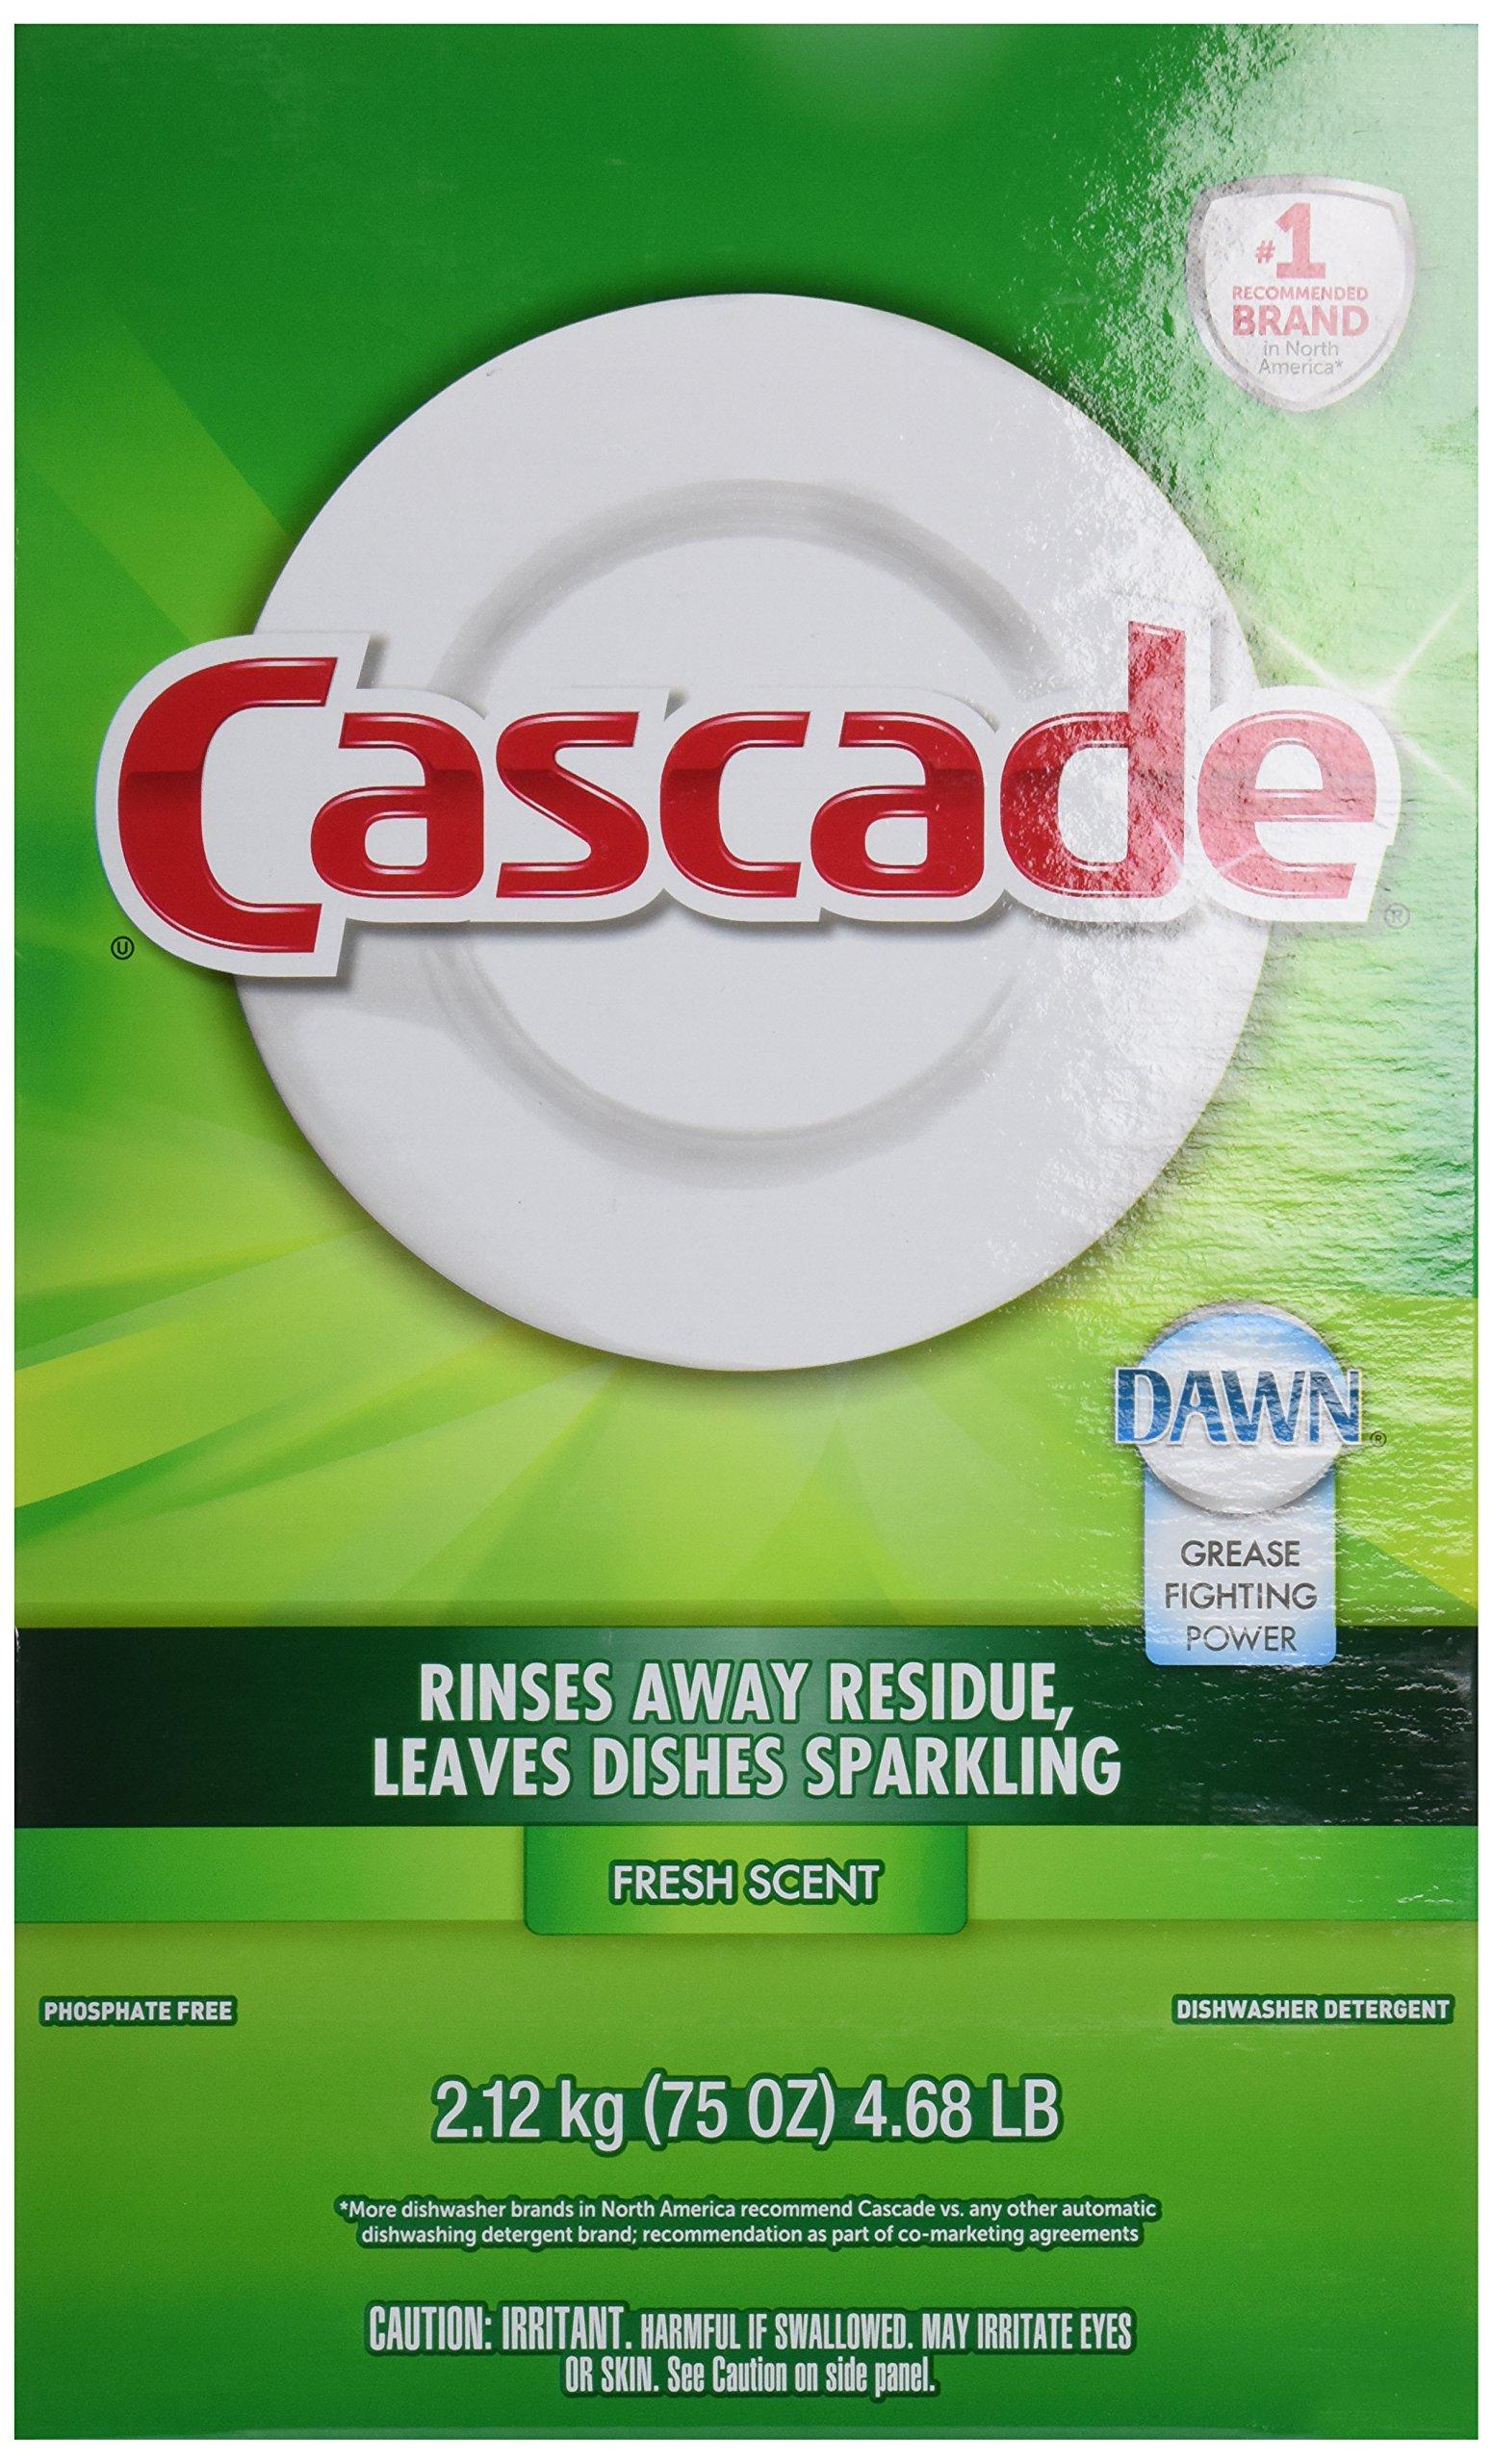 Cascade Fresh Scent Powder Dishwasher Detergent, 75 Ounce - 7 per case.